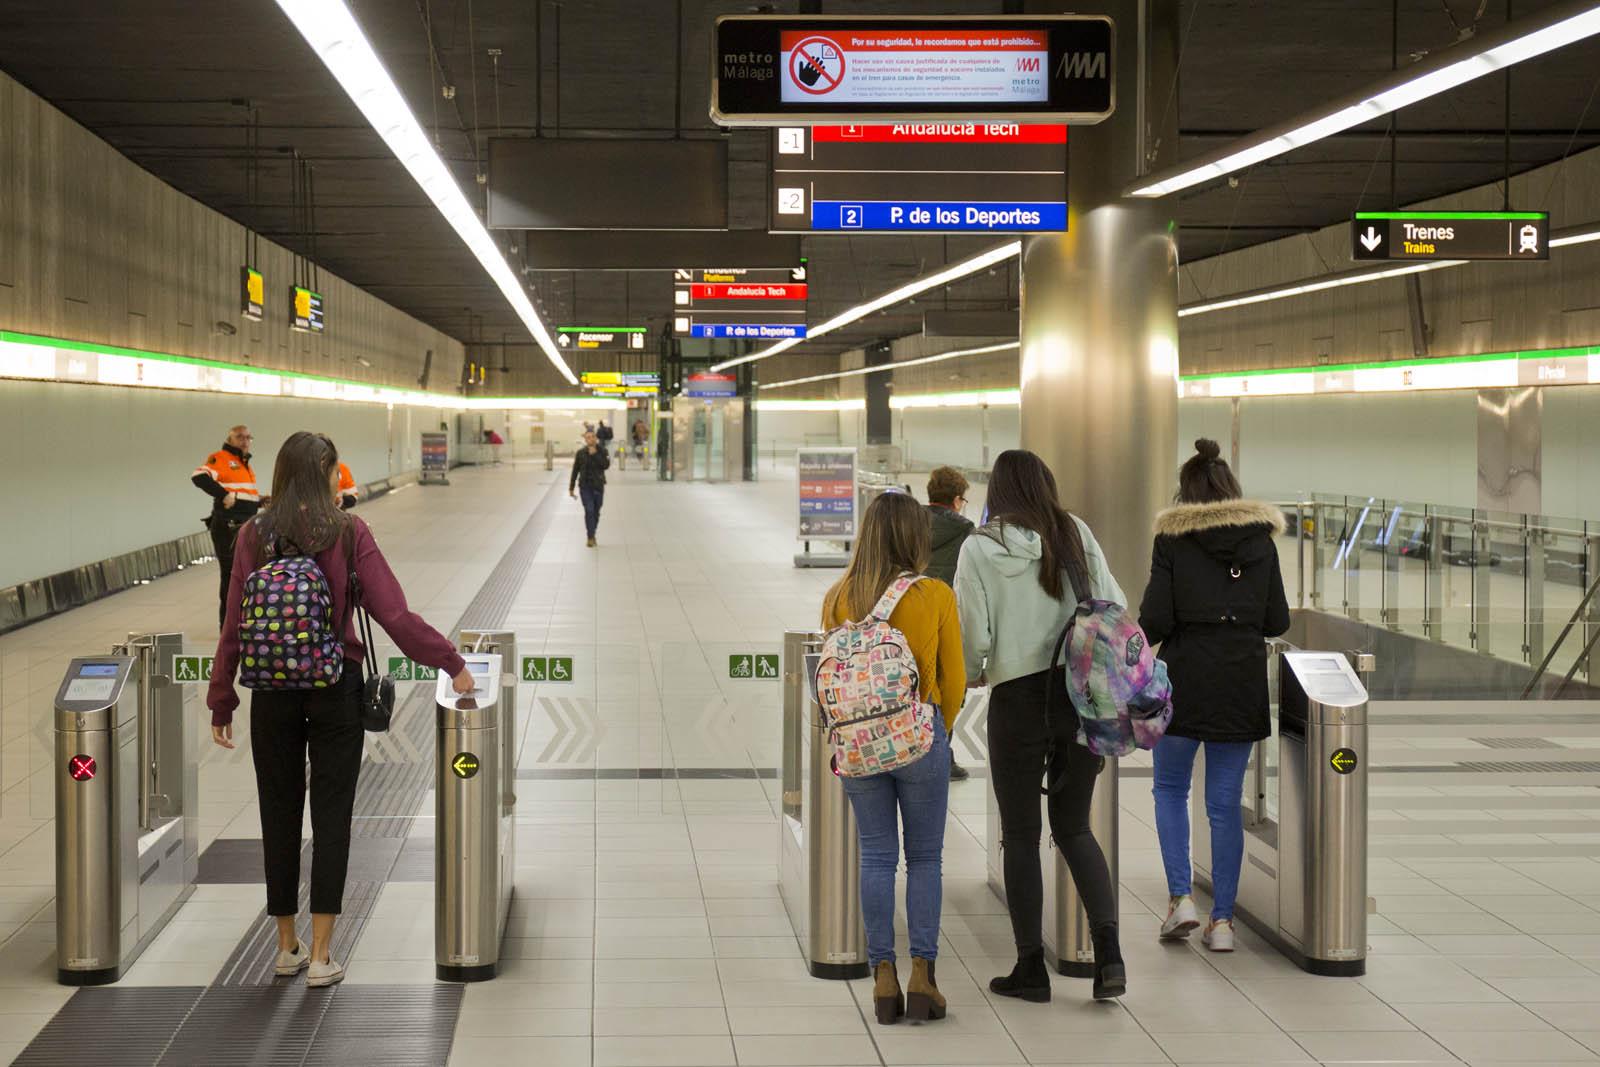 El Metro de Málaga cosechó un incremento superior al 13% en el tercer trimestre.